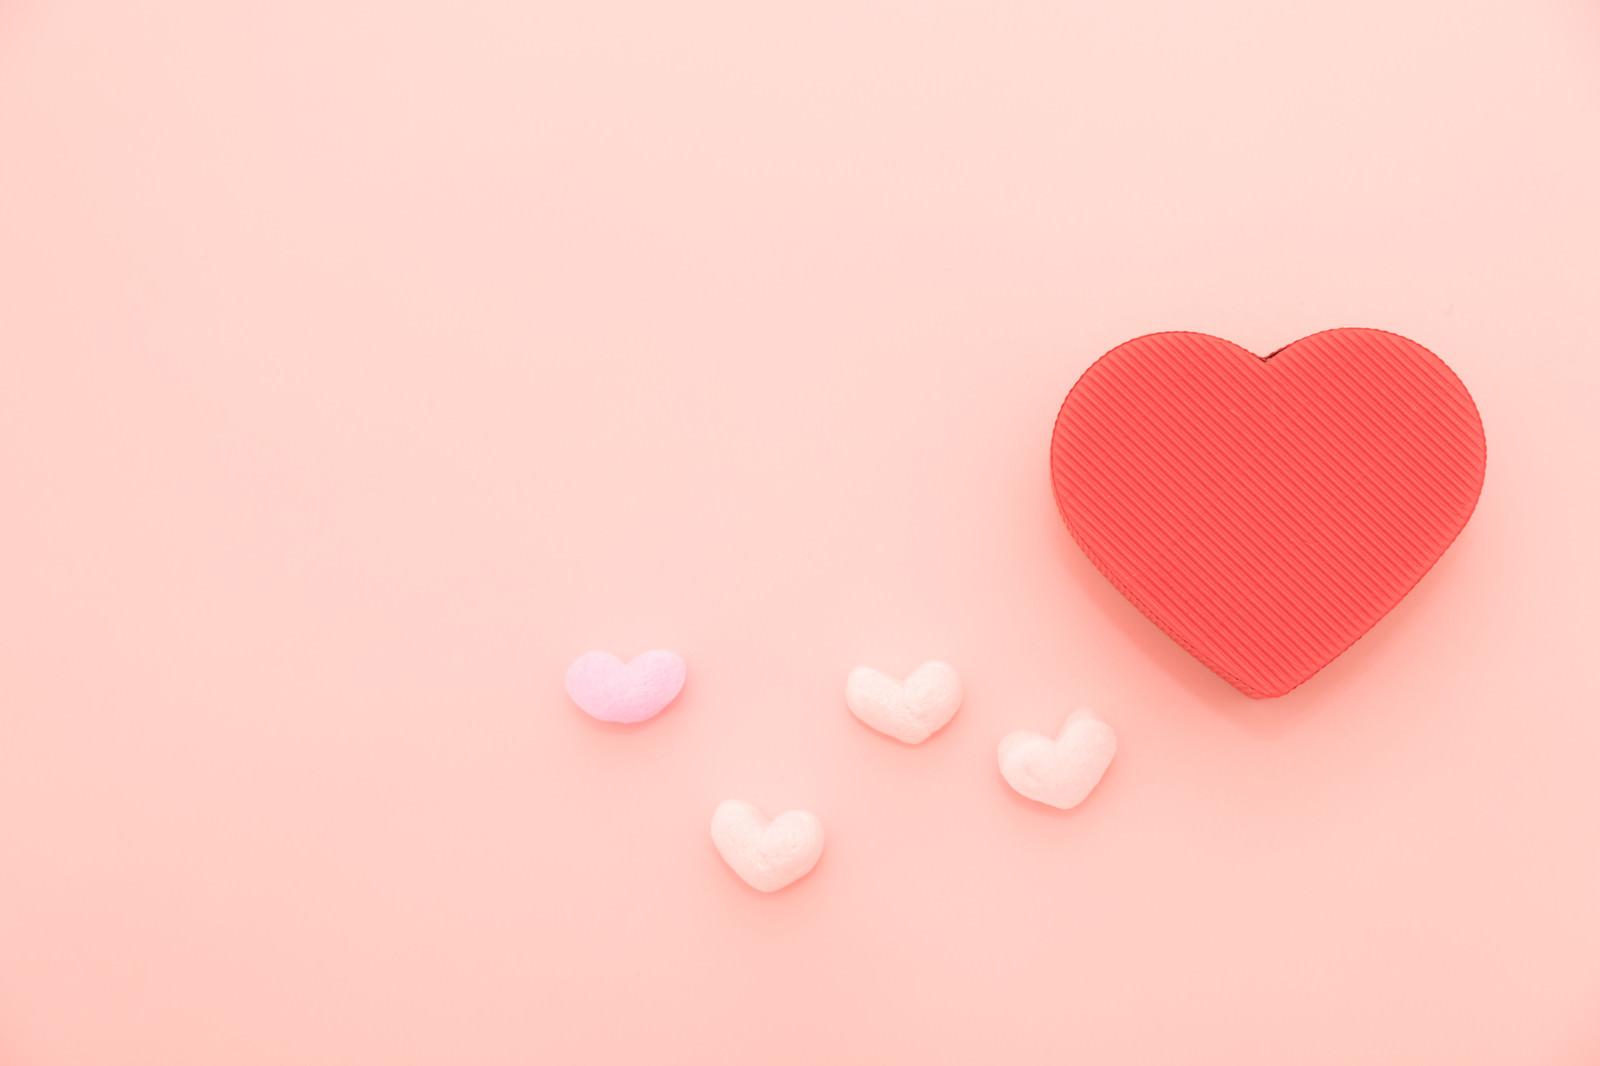 「想いよ届け(バレンタインデー)想いよ届け(バレンタインデー)」のフリー写真素材を拡大